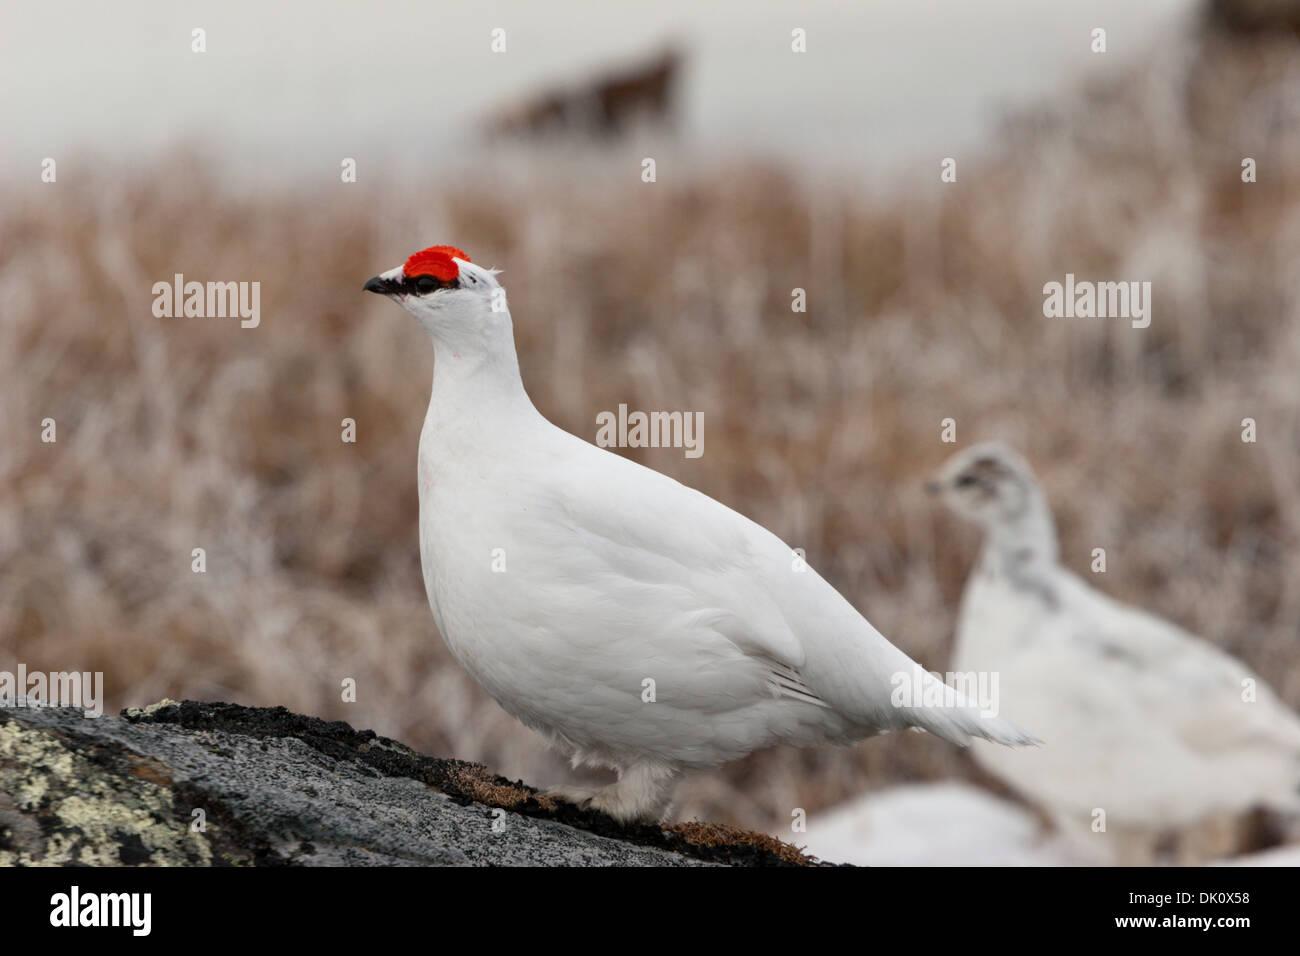 Canadian arctic birds ptarmigan pair feathers - Stock Image